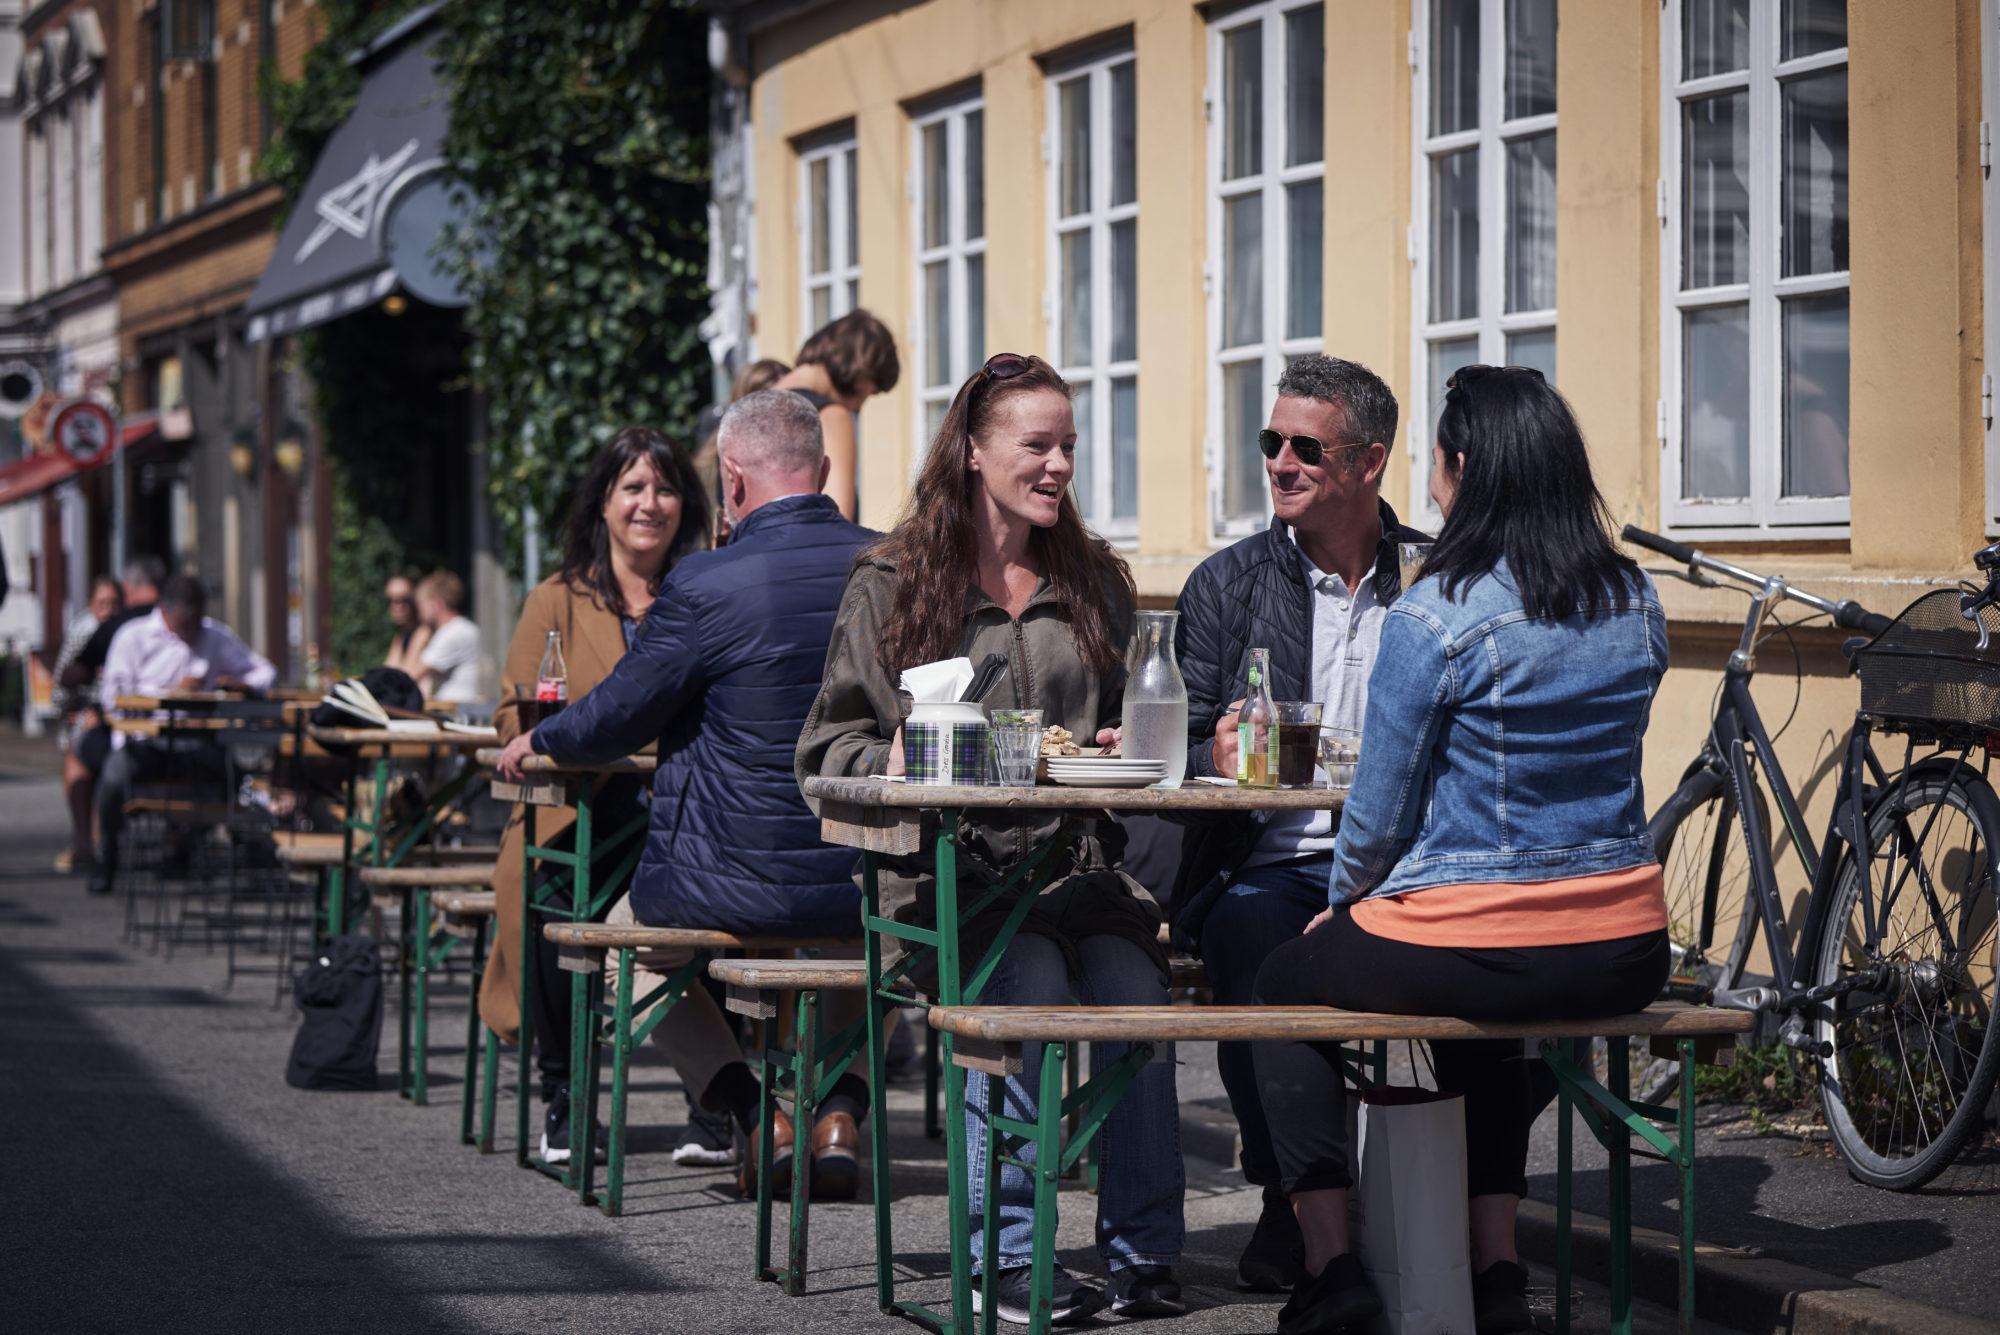 Det gode liv. Latinerkvarteret er stedet for mat, drikke, hygge og egenartet shopping. Foto: Fjord Line/M. Wanvik